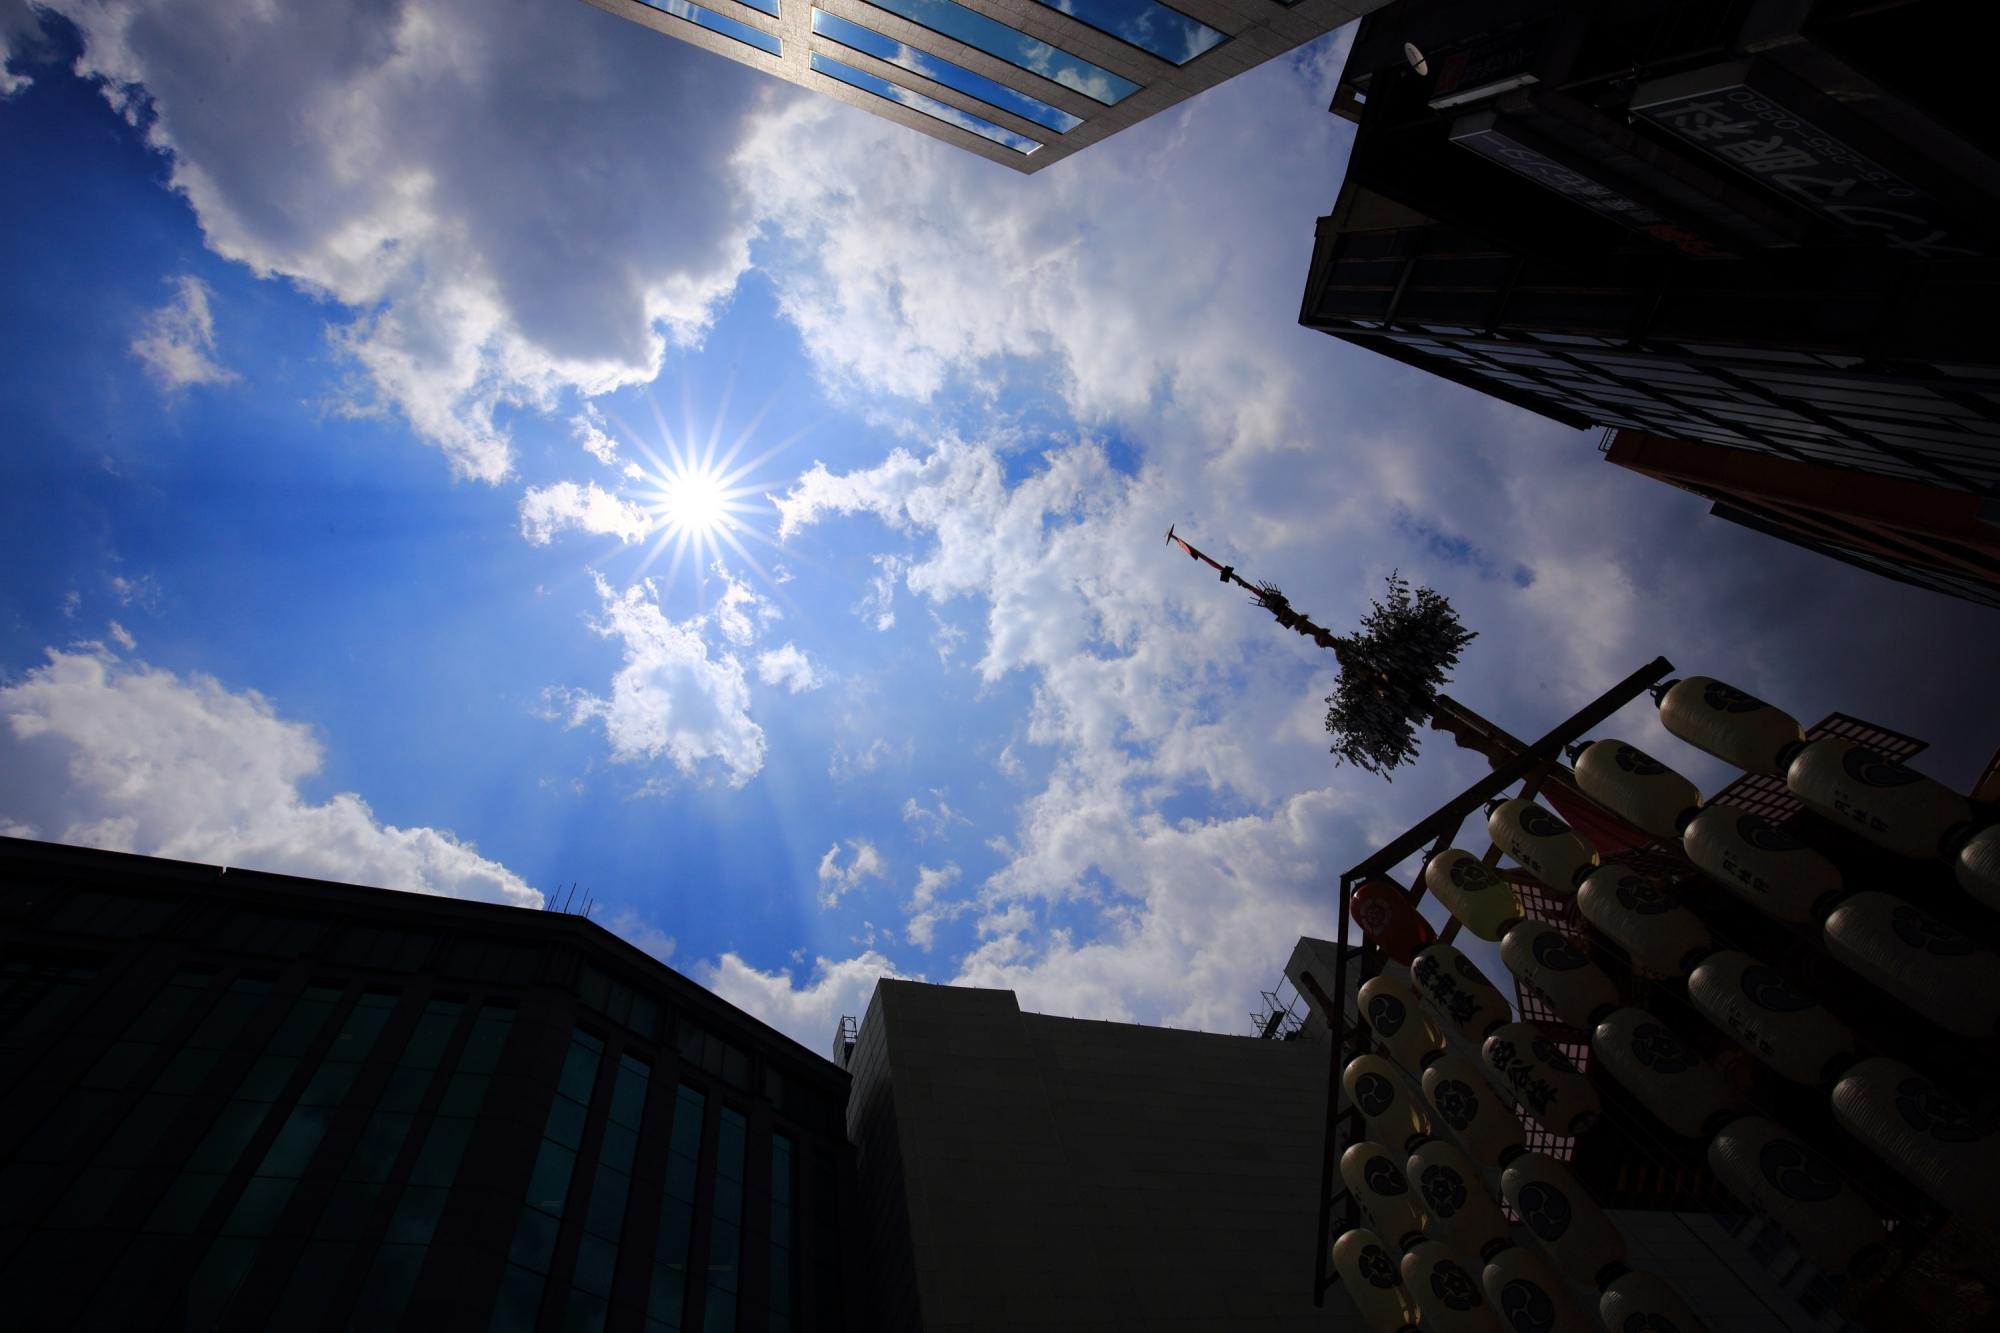 祇園祭の函谷鉾と青空と太陽